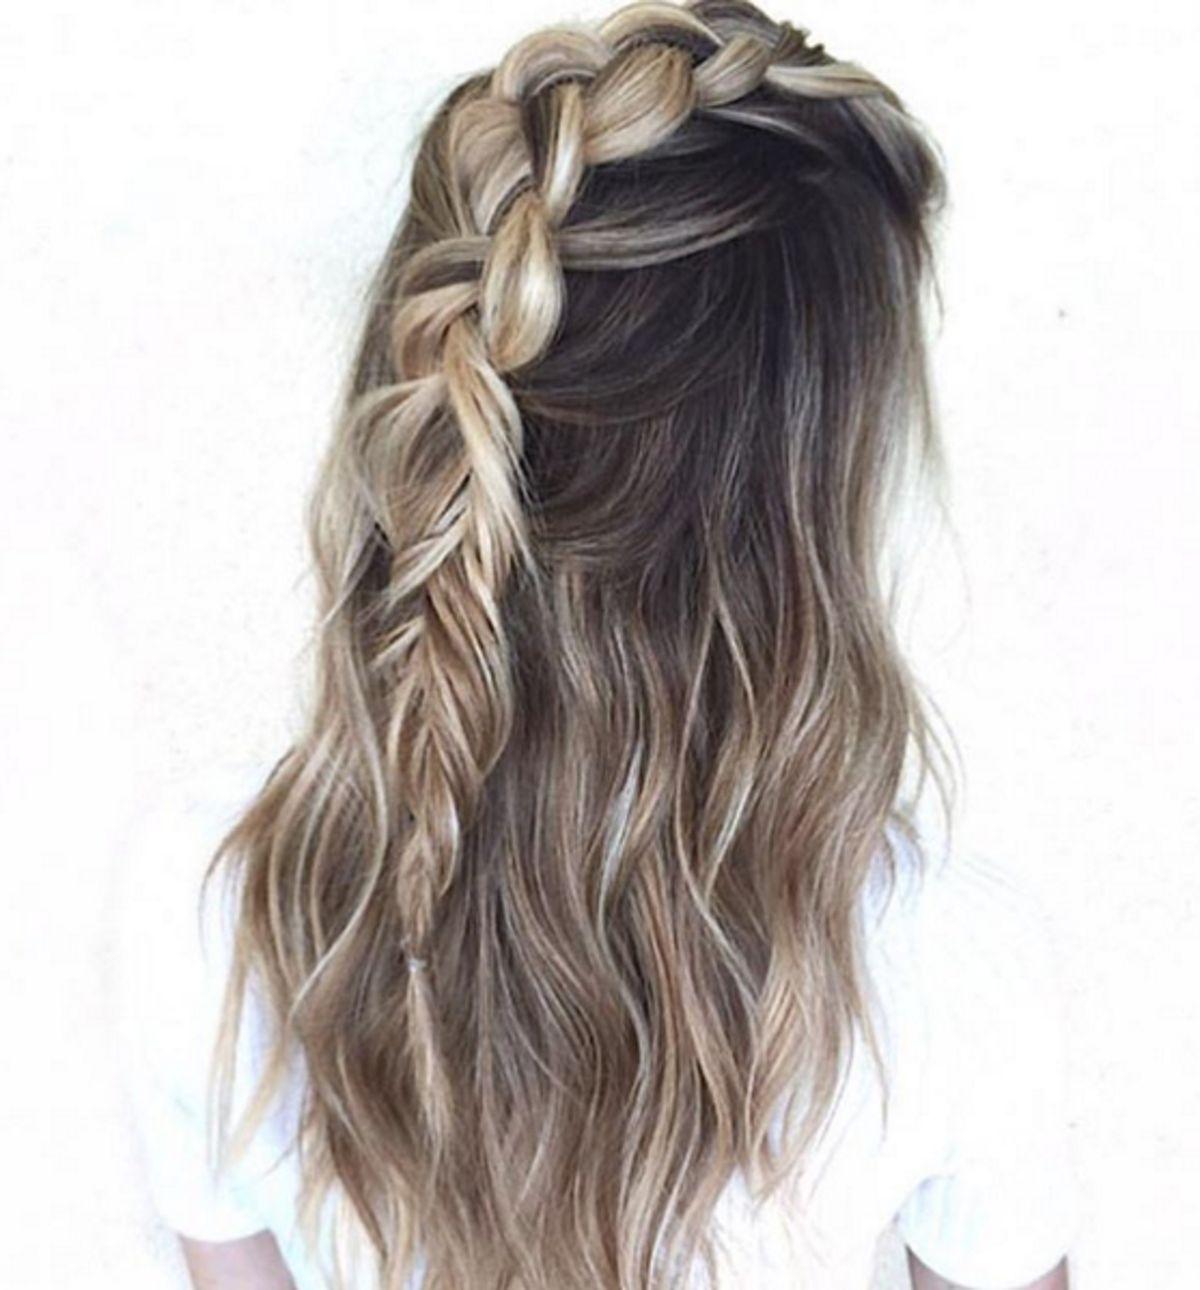 pinterest // princesslucy24   hairstyles   pinterest   half braid